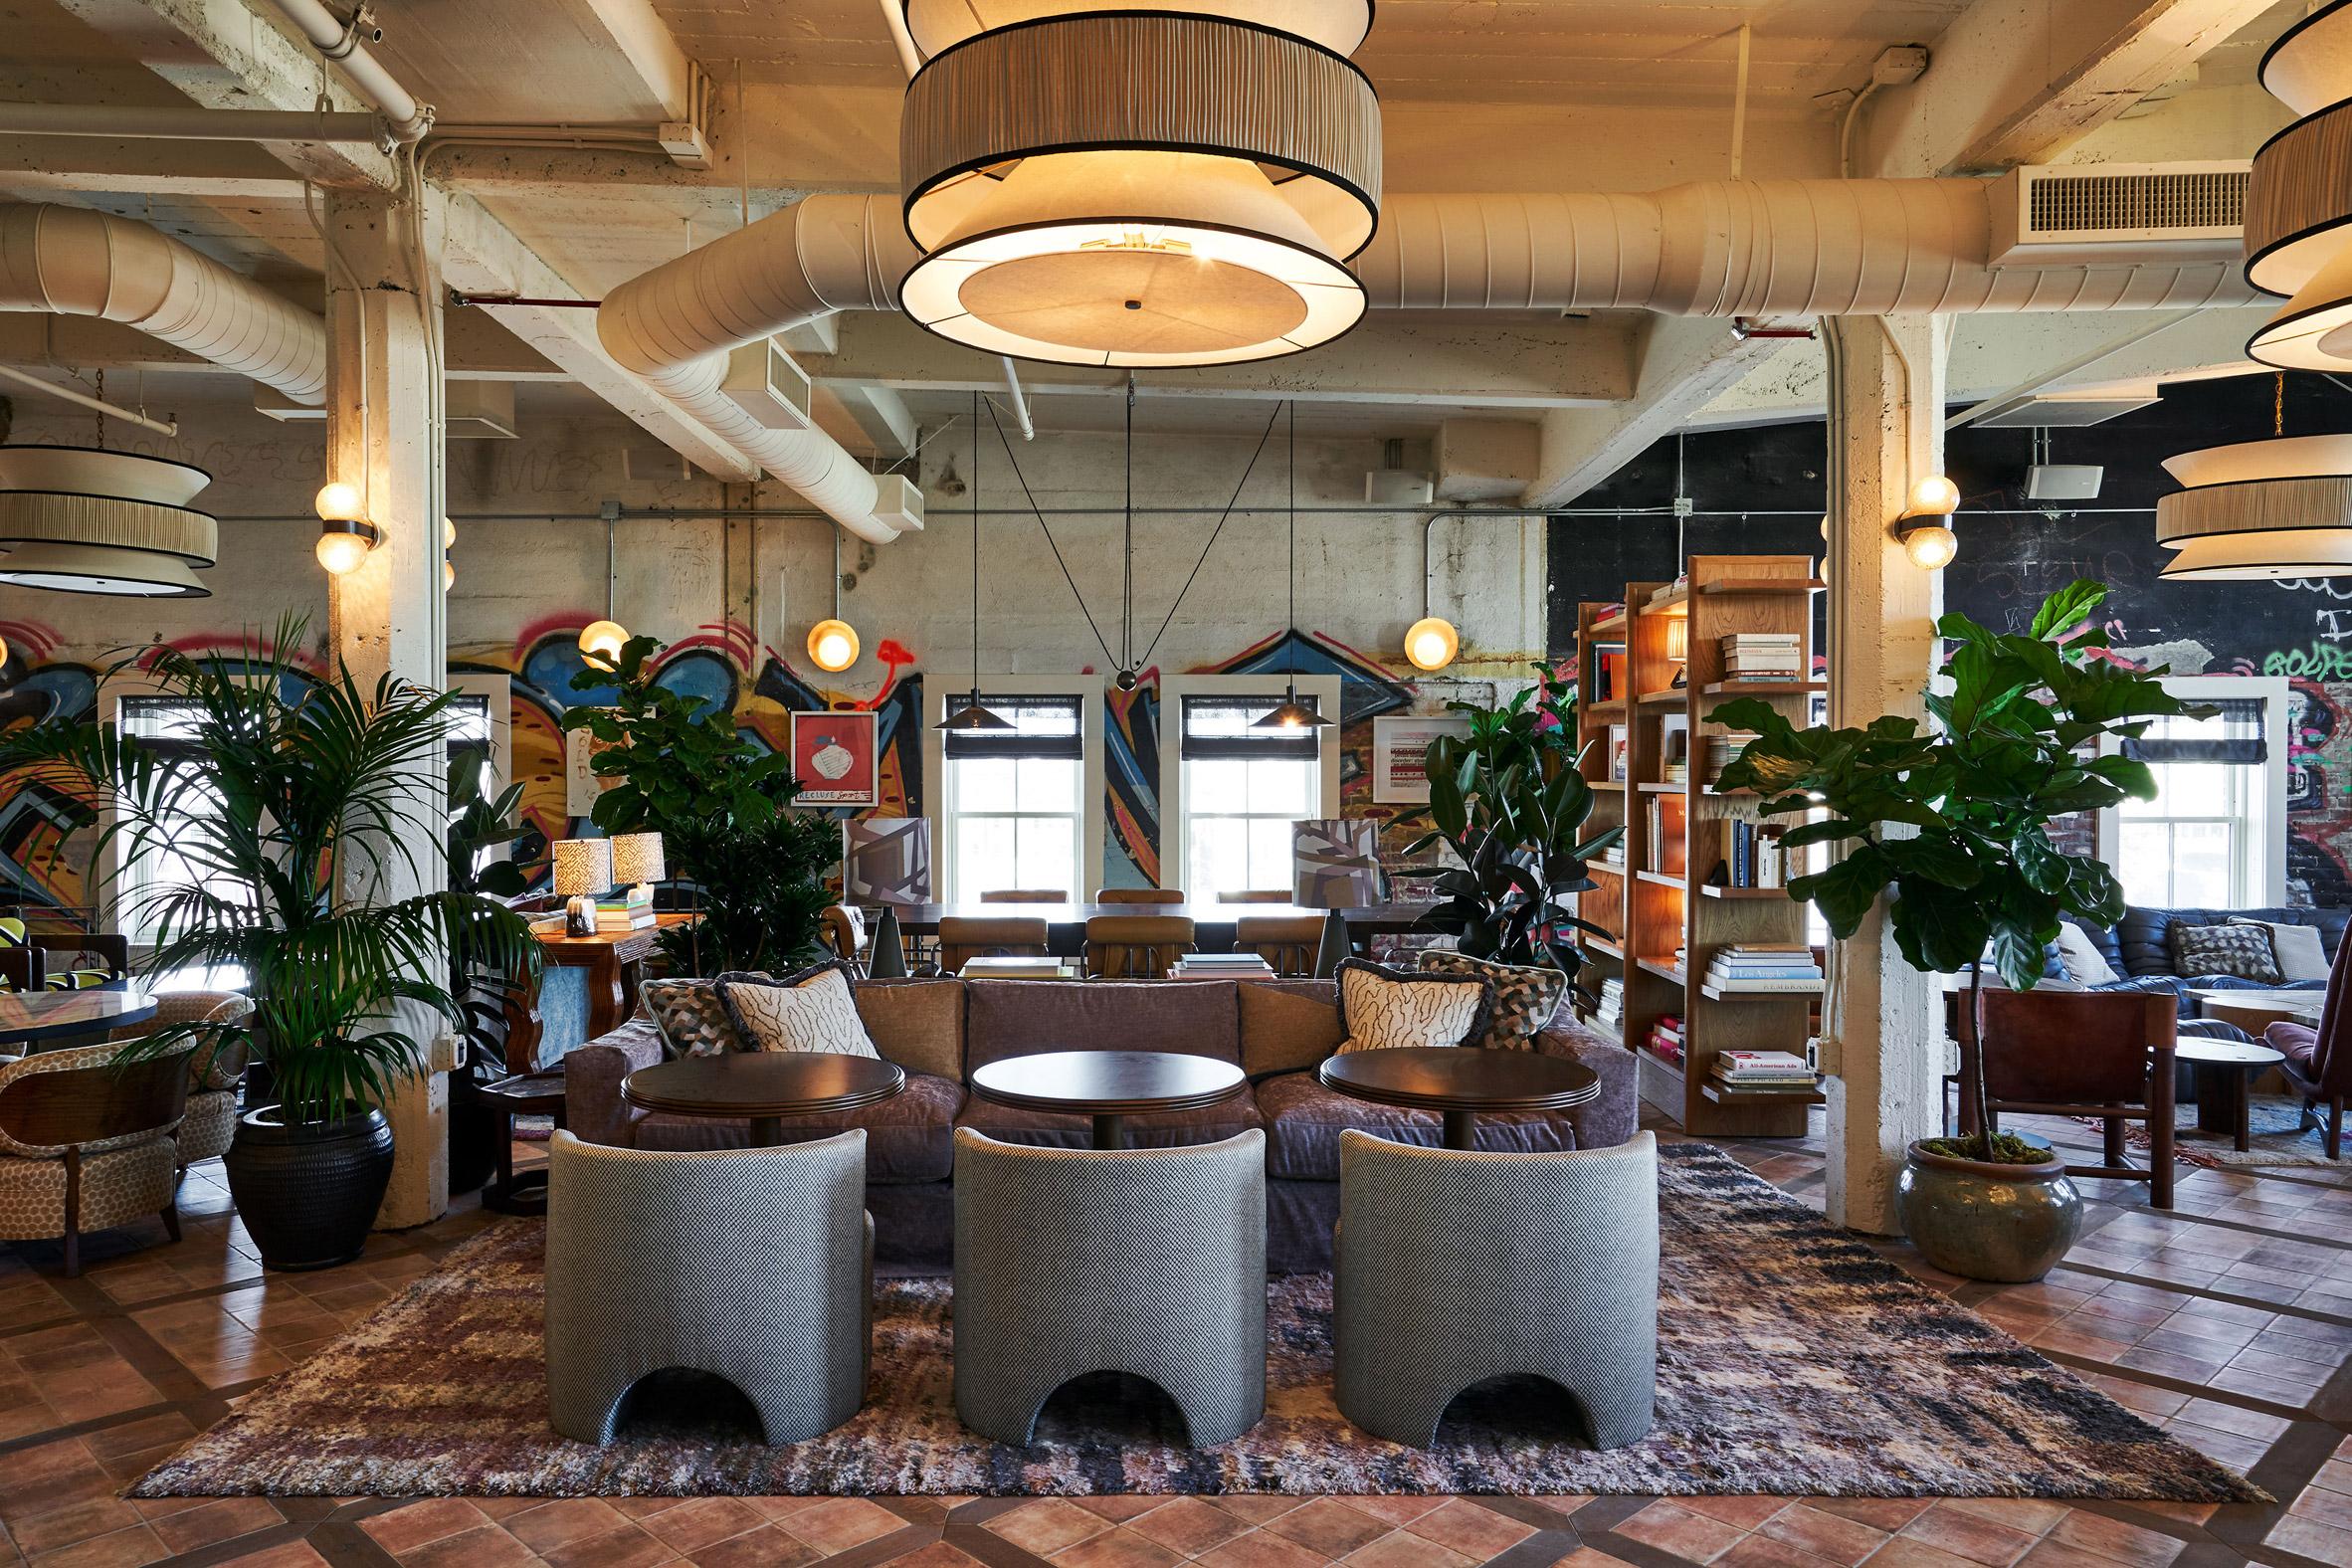 Thiết kế nội thất nhà hàng khách sạn 1